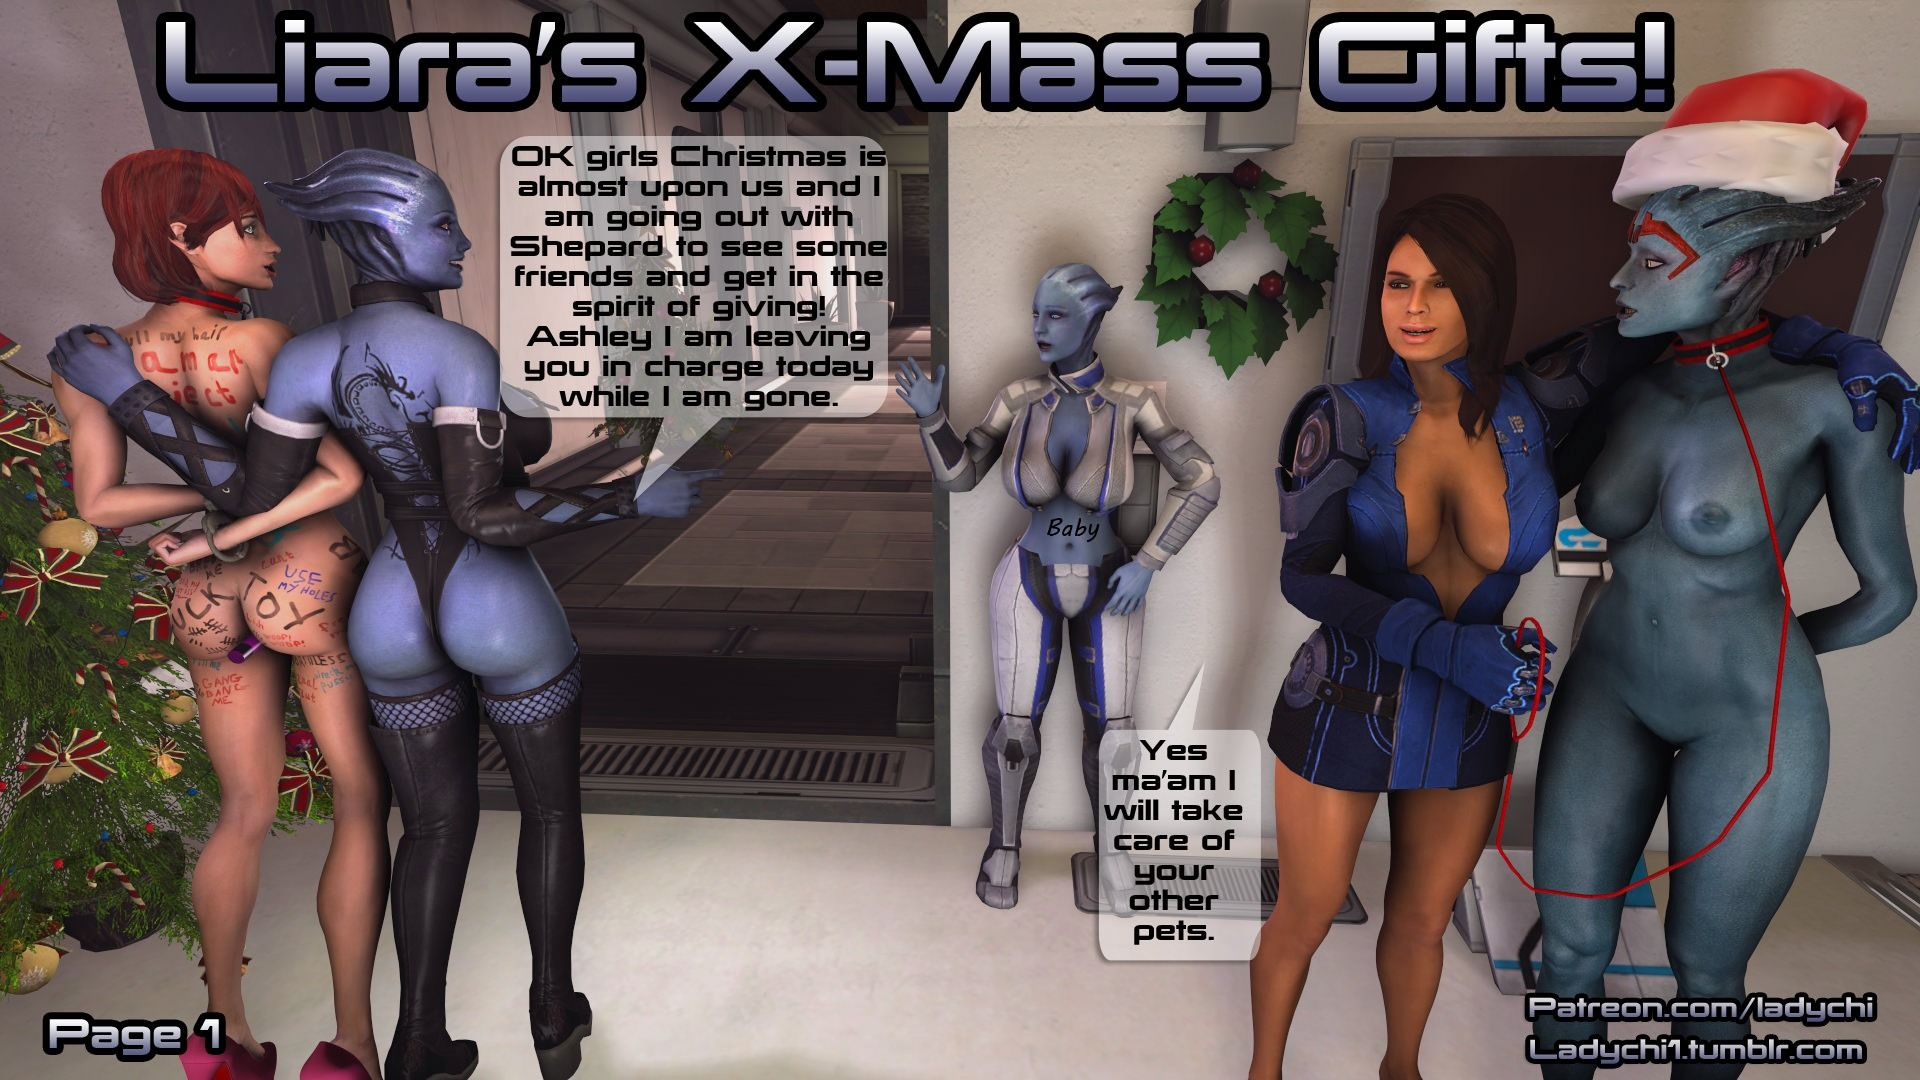 Liara_X-Mass_Gifts!_Ladychi_(Mass_Effect) comix.jpg